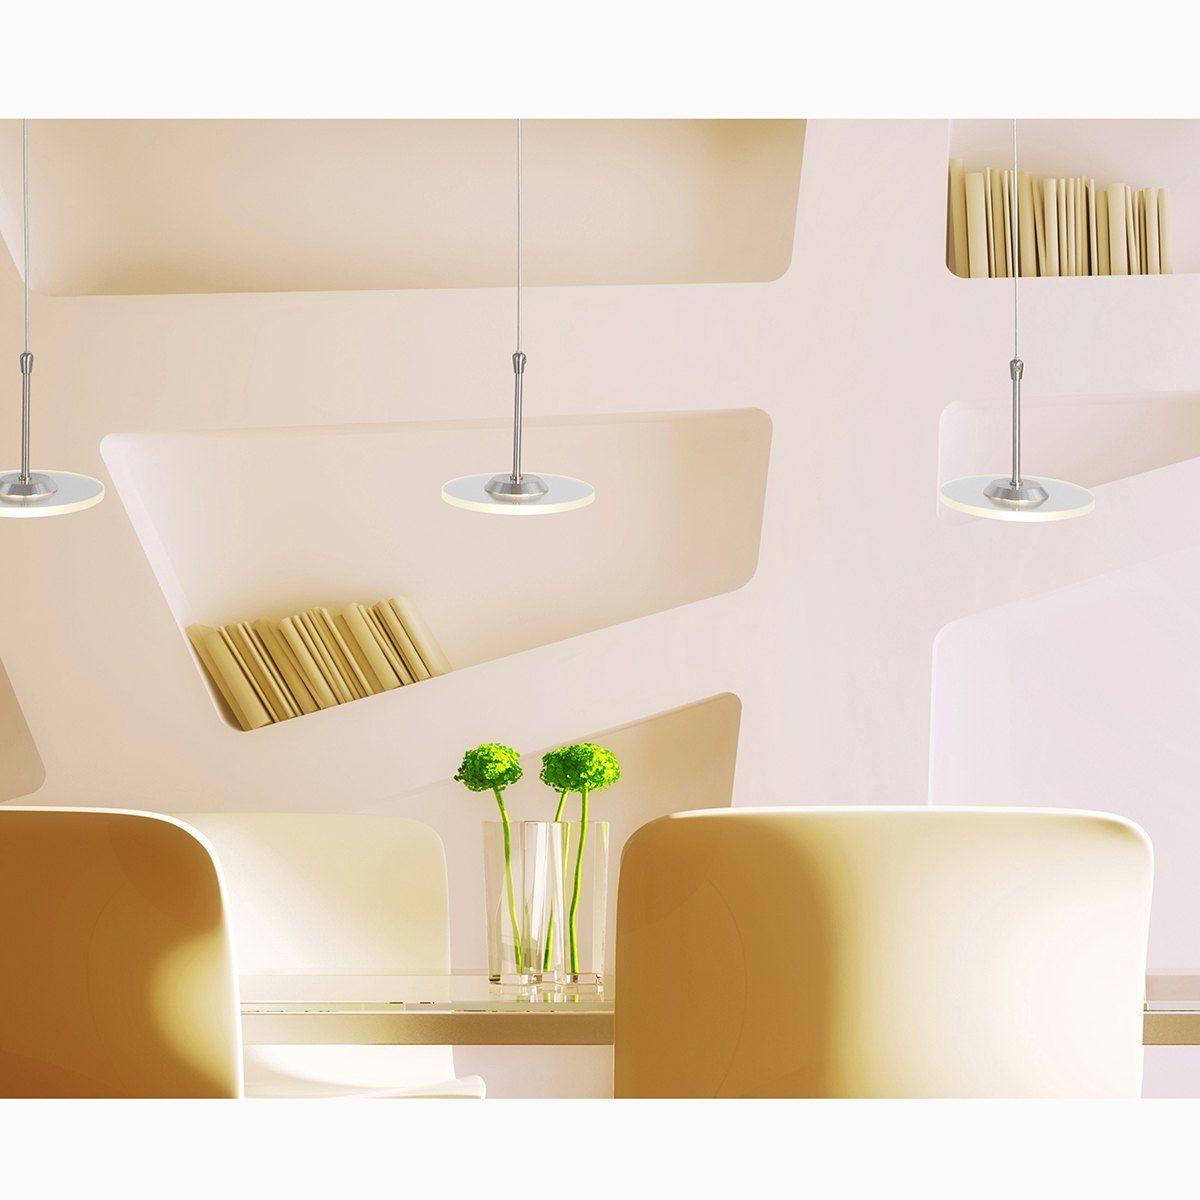 Mooie eettafel lampen van Steinhauer, bij Webo Verlichting in Beuningen bij Nijmegen.